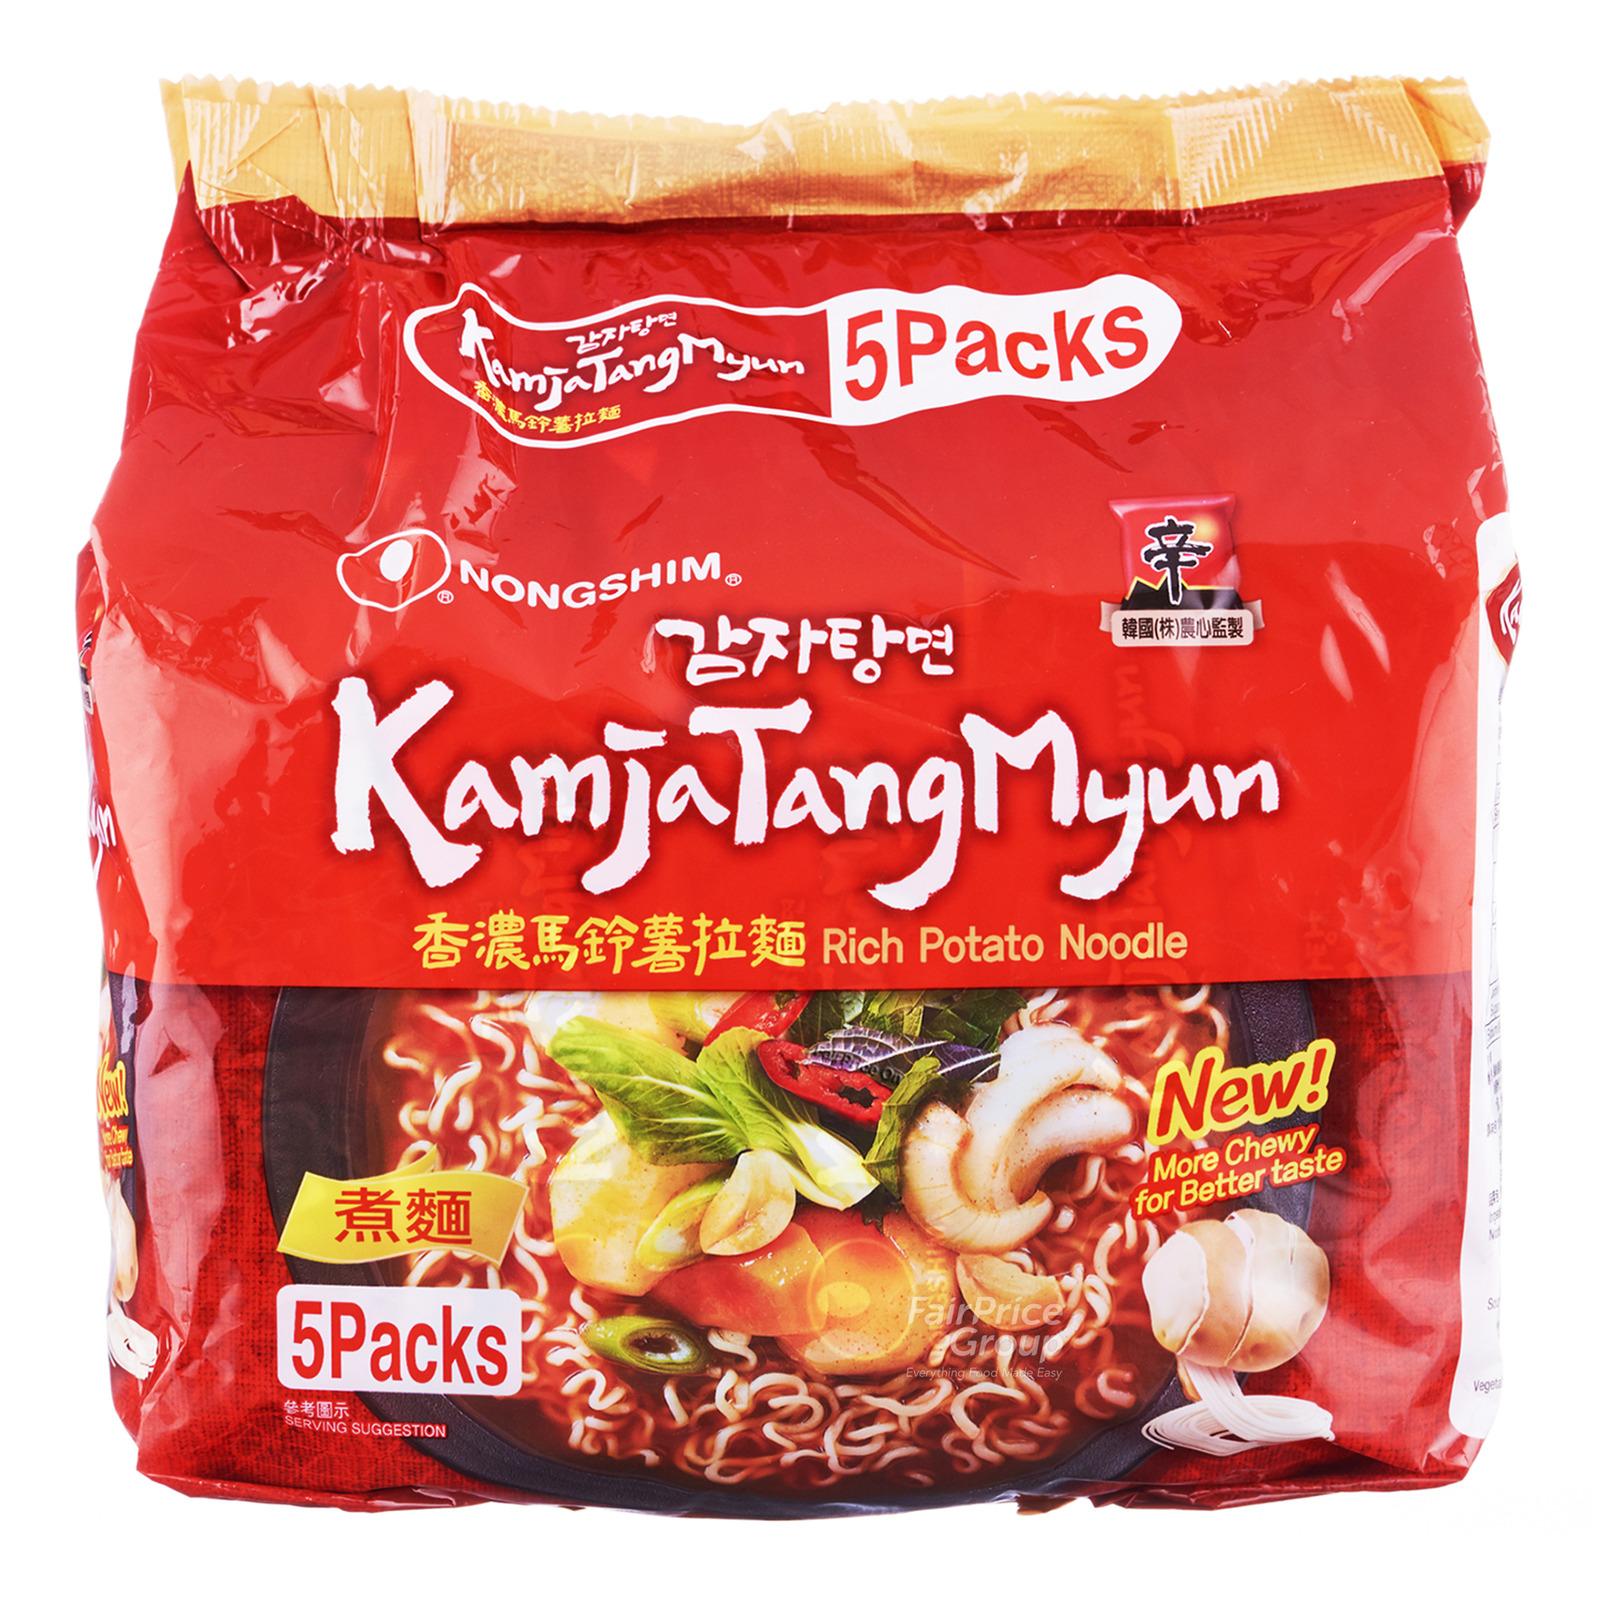 Nongshim Instant Noodle - Rich Potato